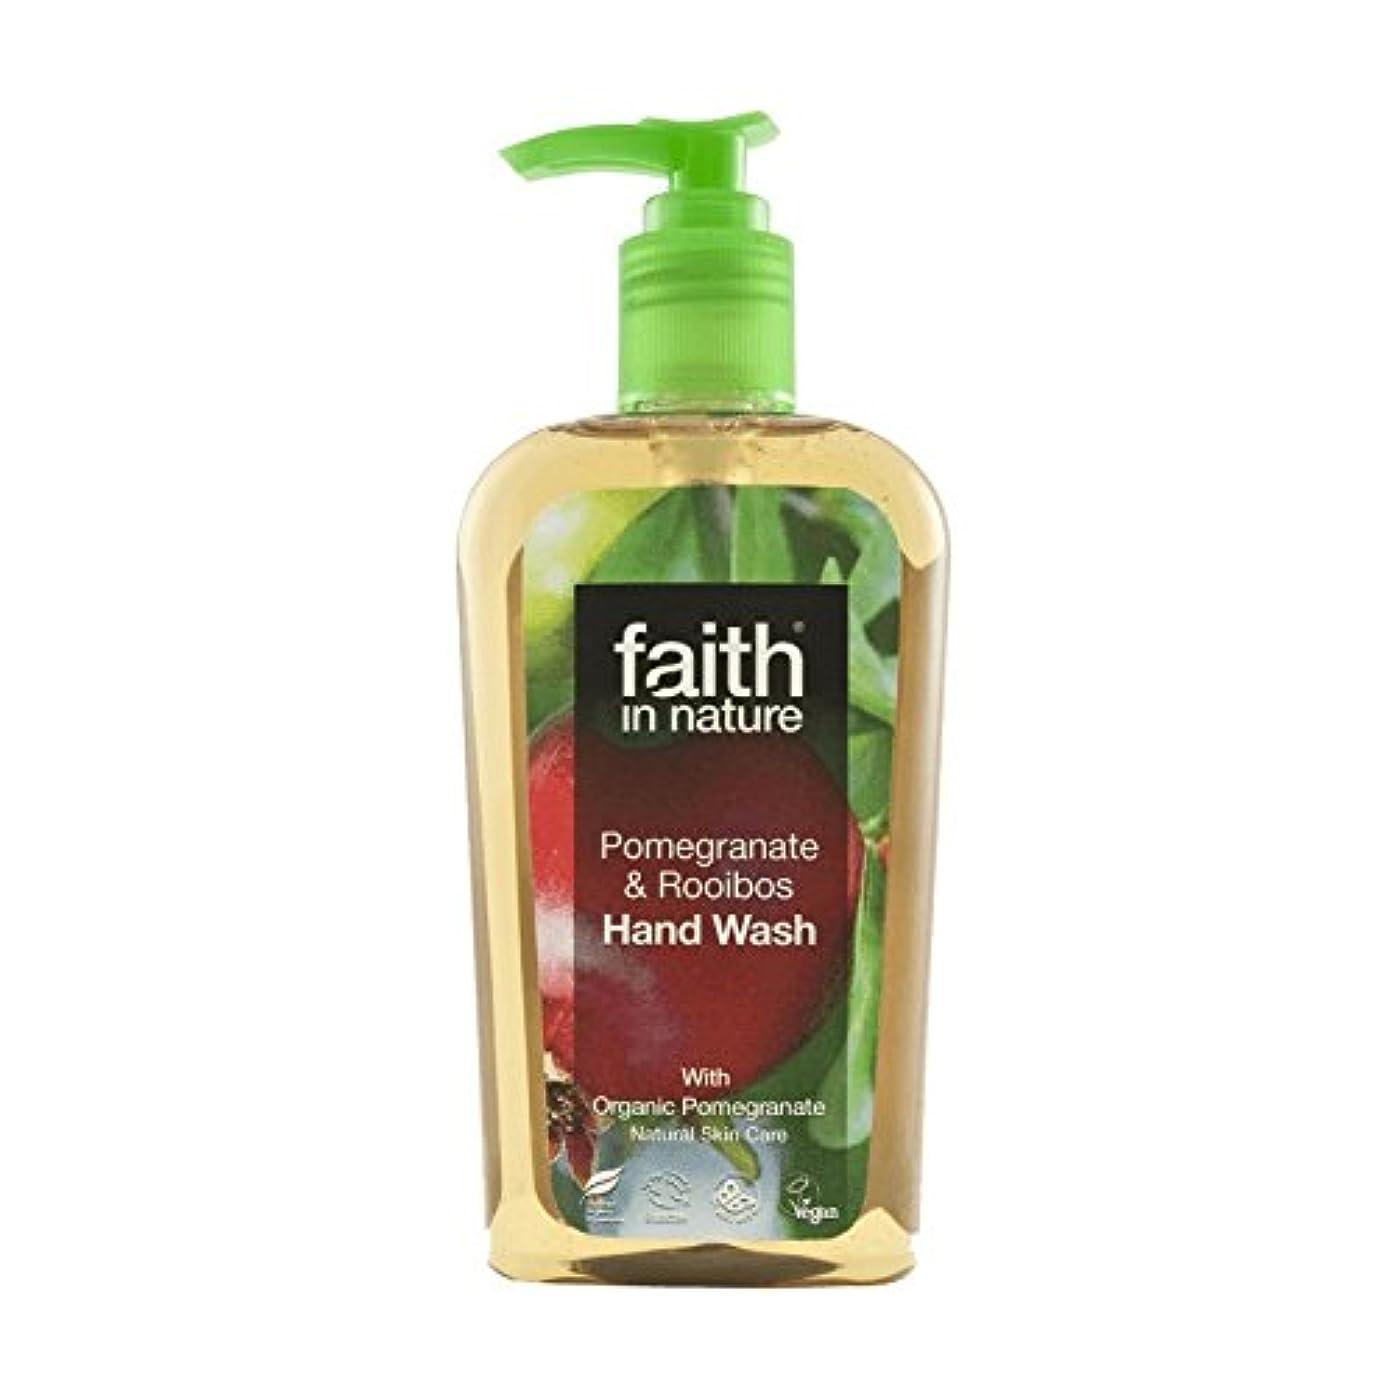 局広告するバージン自然ザクロ&ルイボス手洗いの300ミリリットルの信仰 - Faith In Nature Pomegranate & Rooibos Handwash 300ml (Faith in Nature) [並行輸入品]